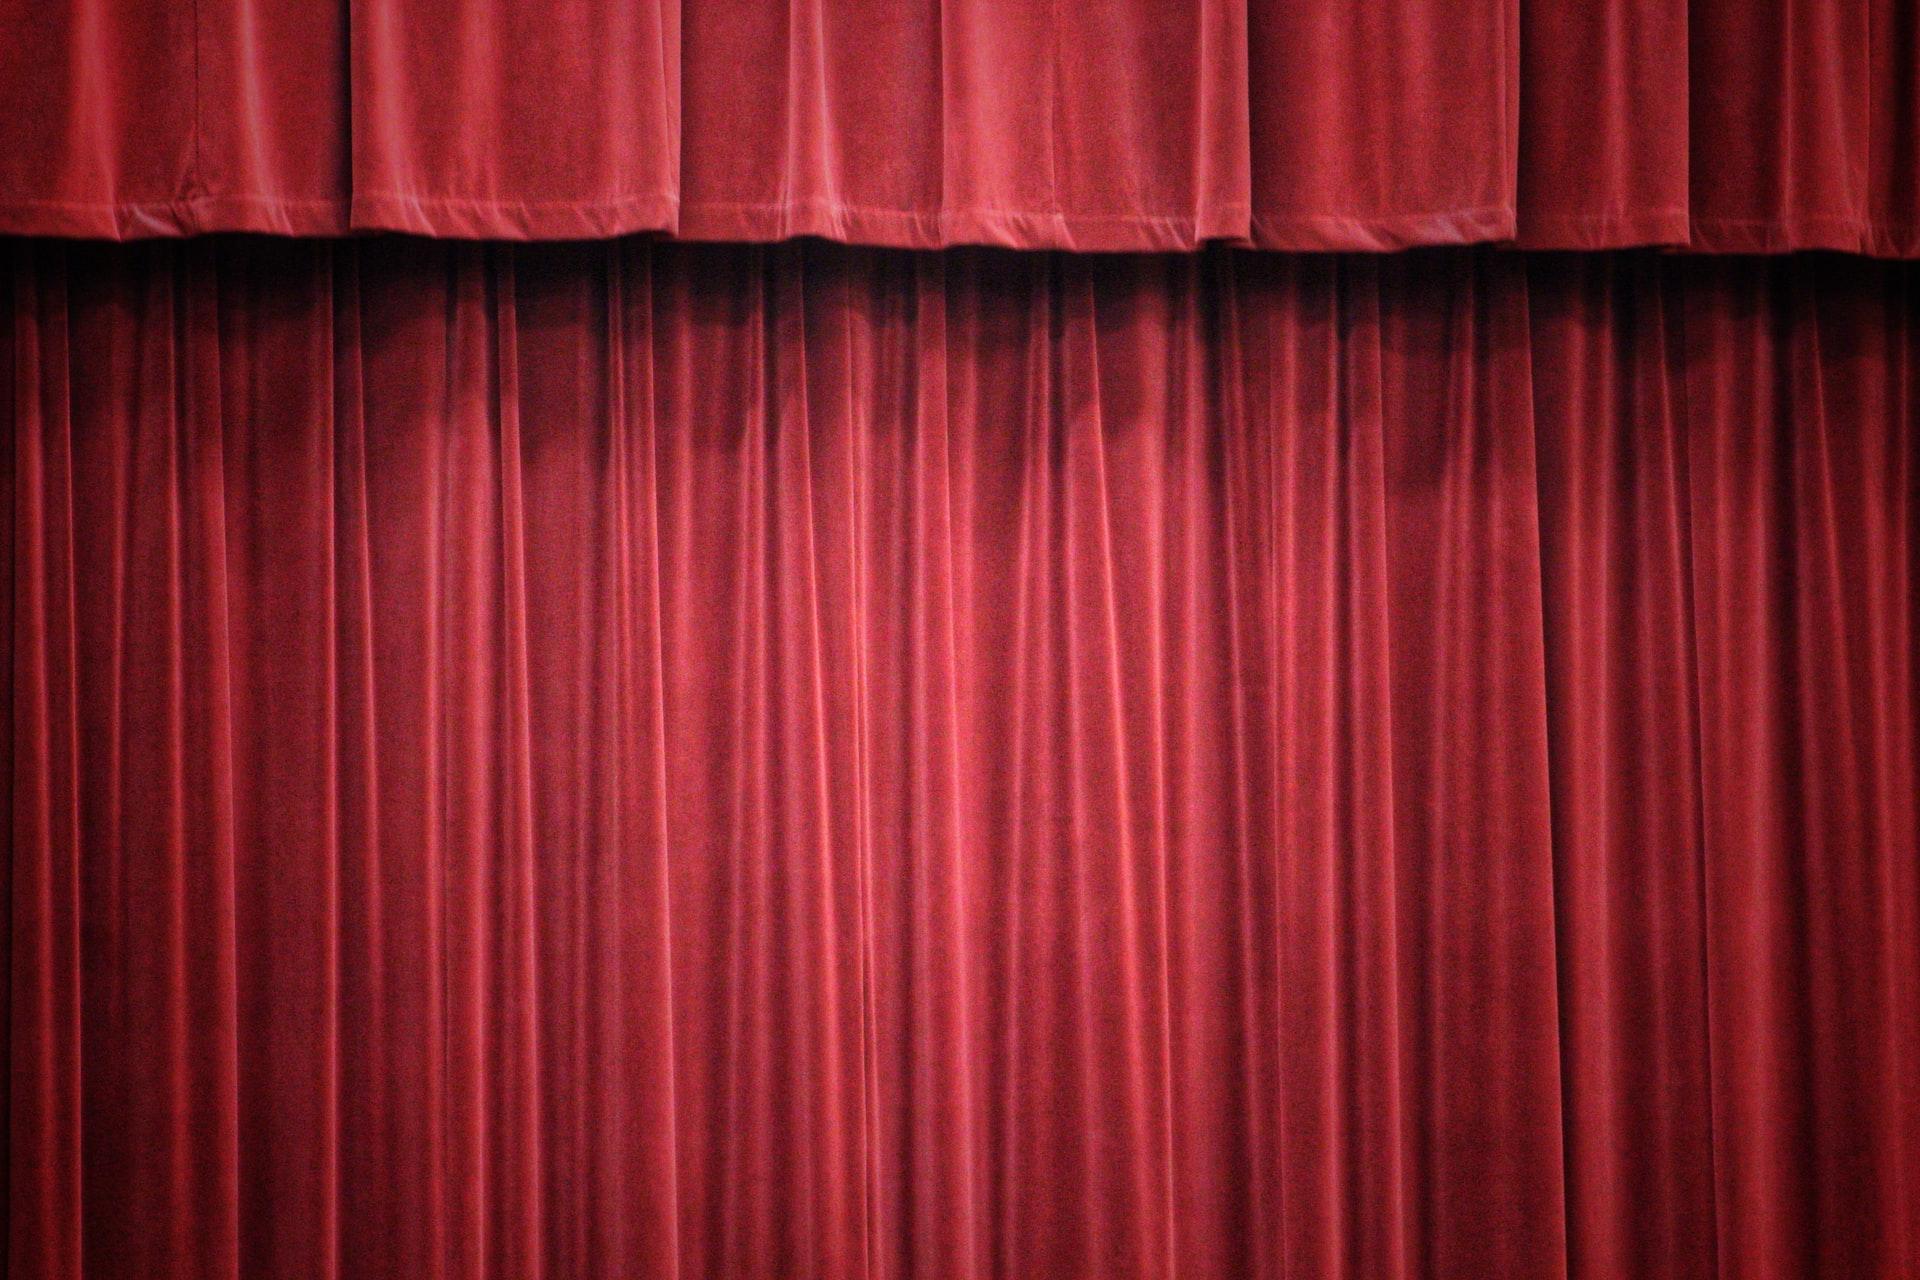 Blog Thumbnail of Have a Good Laugh at Arlington Cinema & Drafthouse